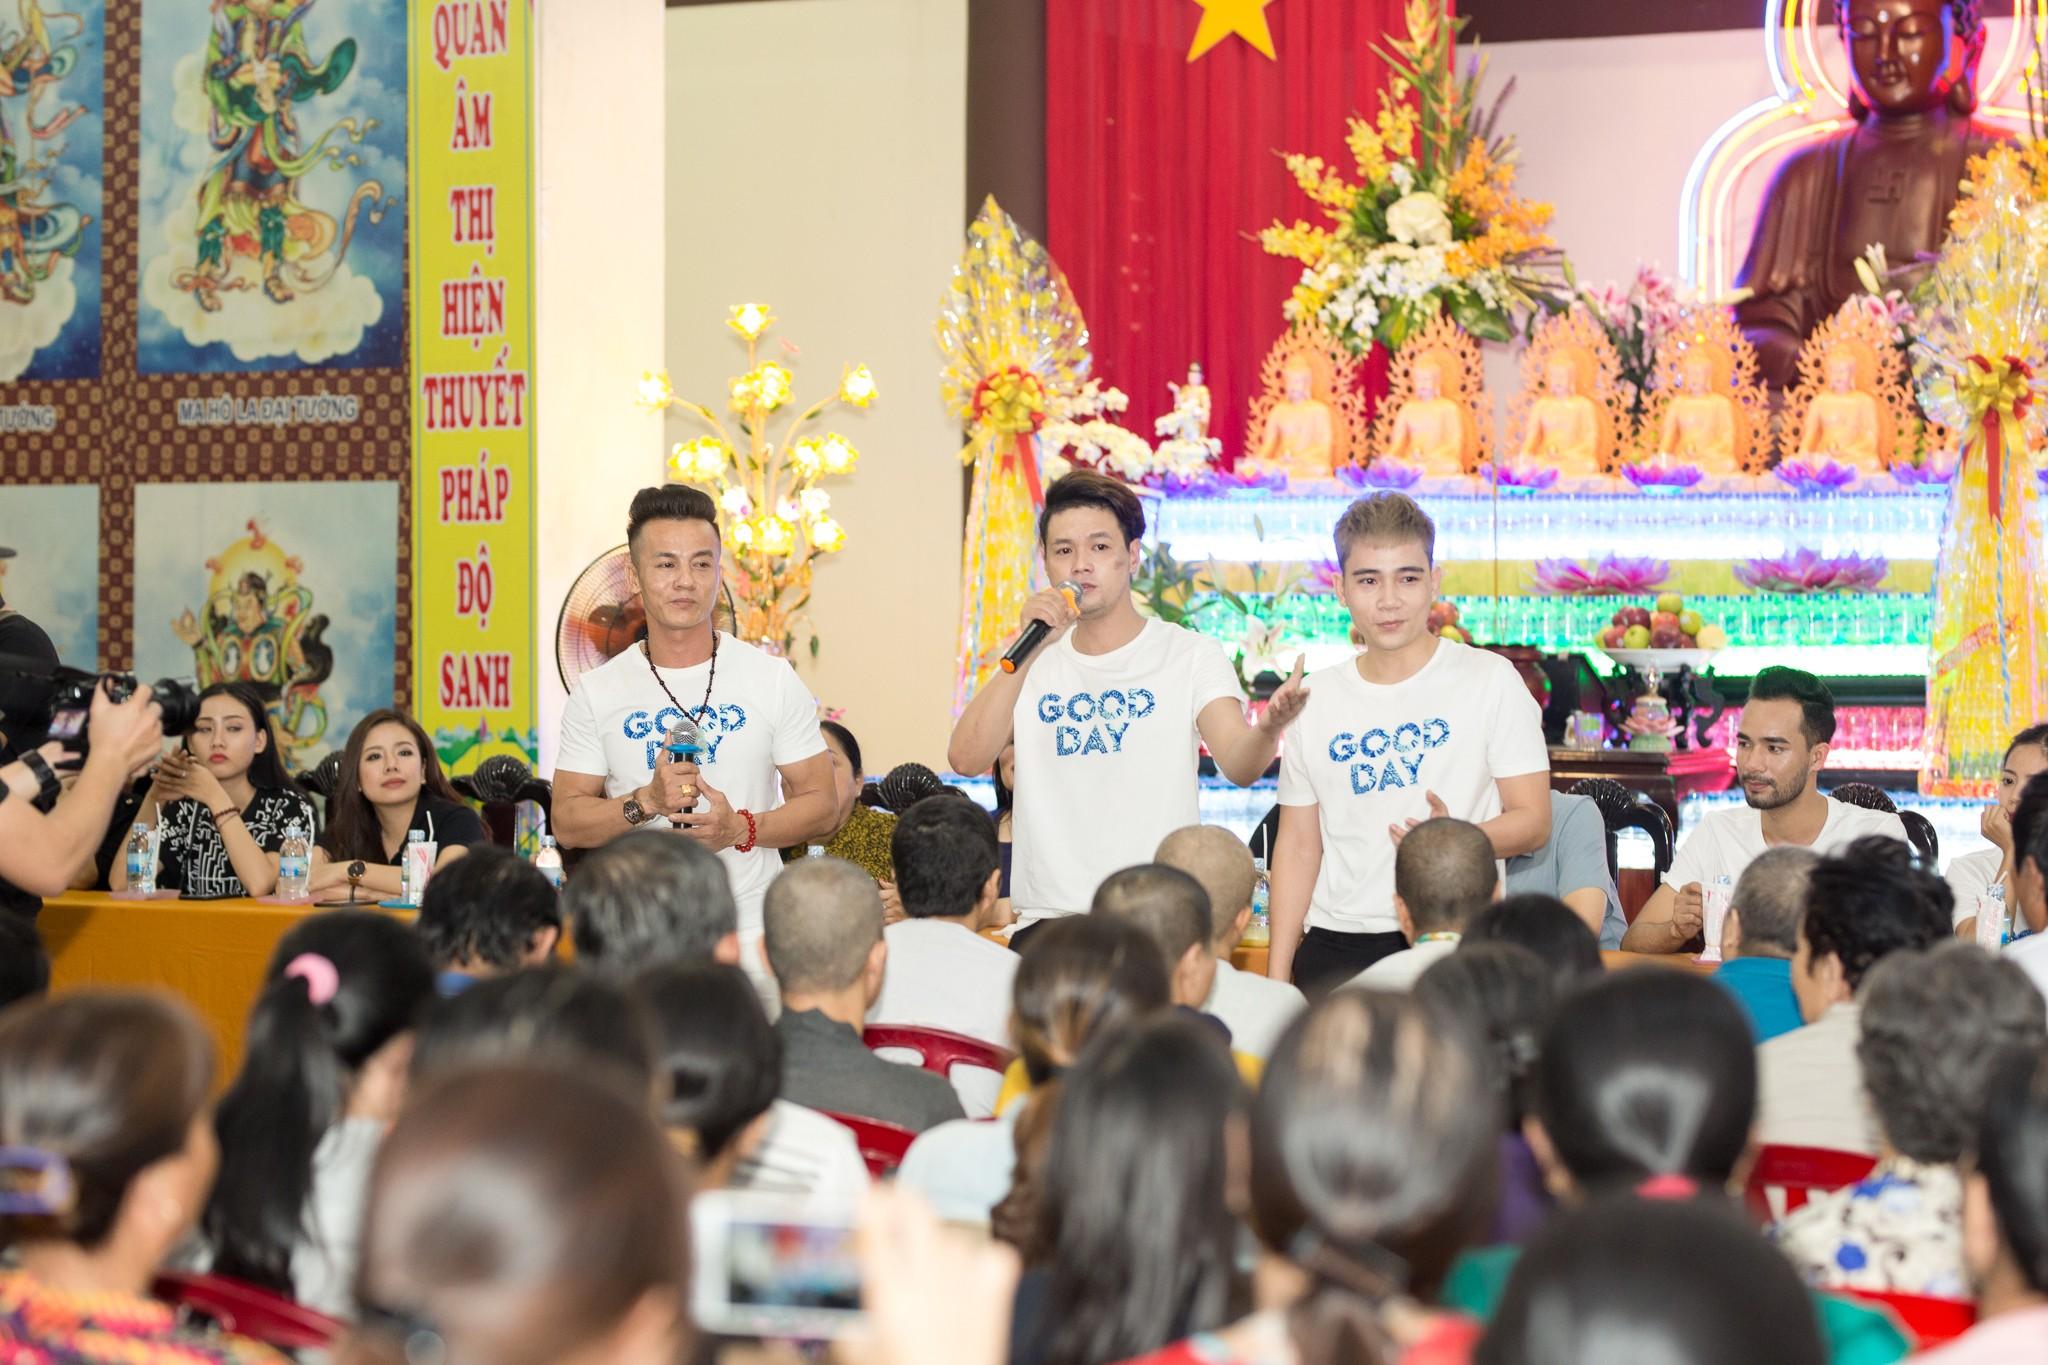 Như Quỳnh - Quang Lê tranh thủ đi từ thiện cùng các học trò trước Tết Nguyên đán